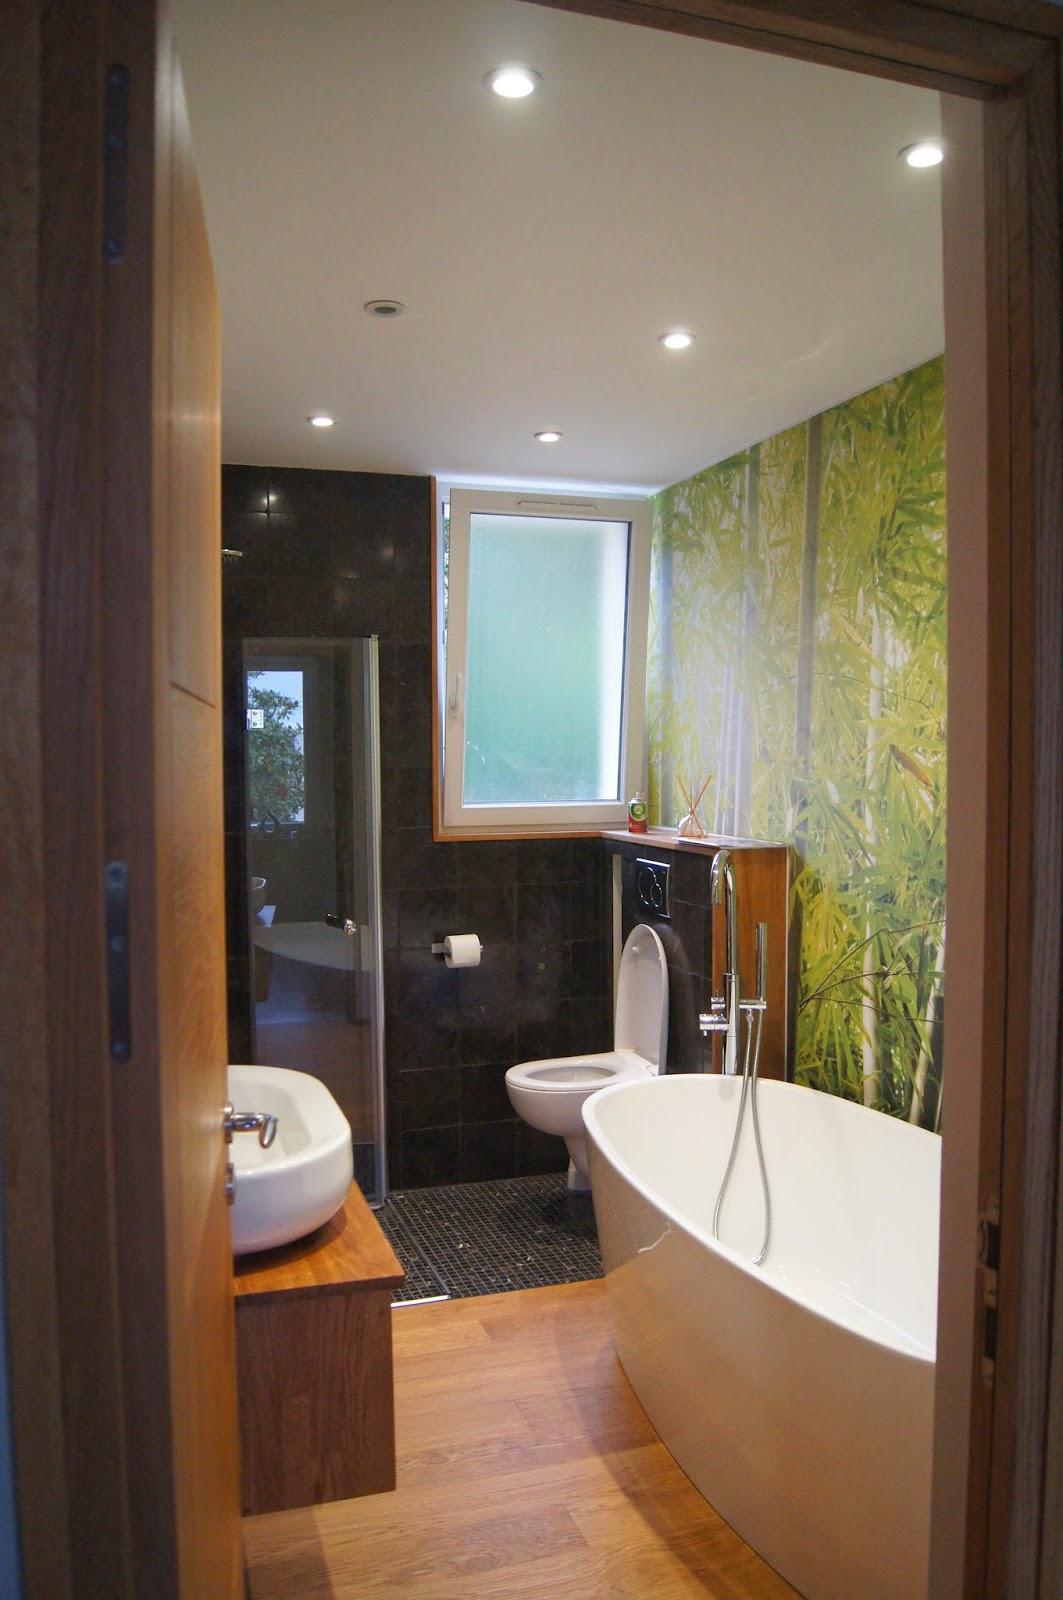 Michel le coz agencement & décoration: salle de bain exotique